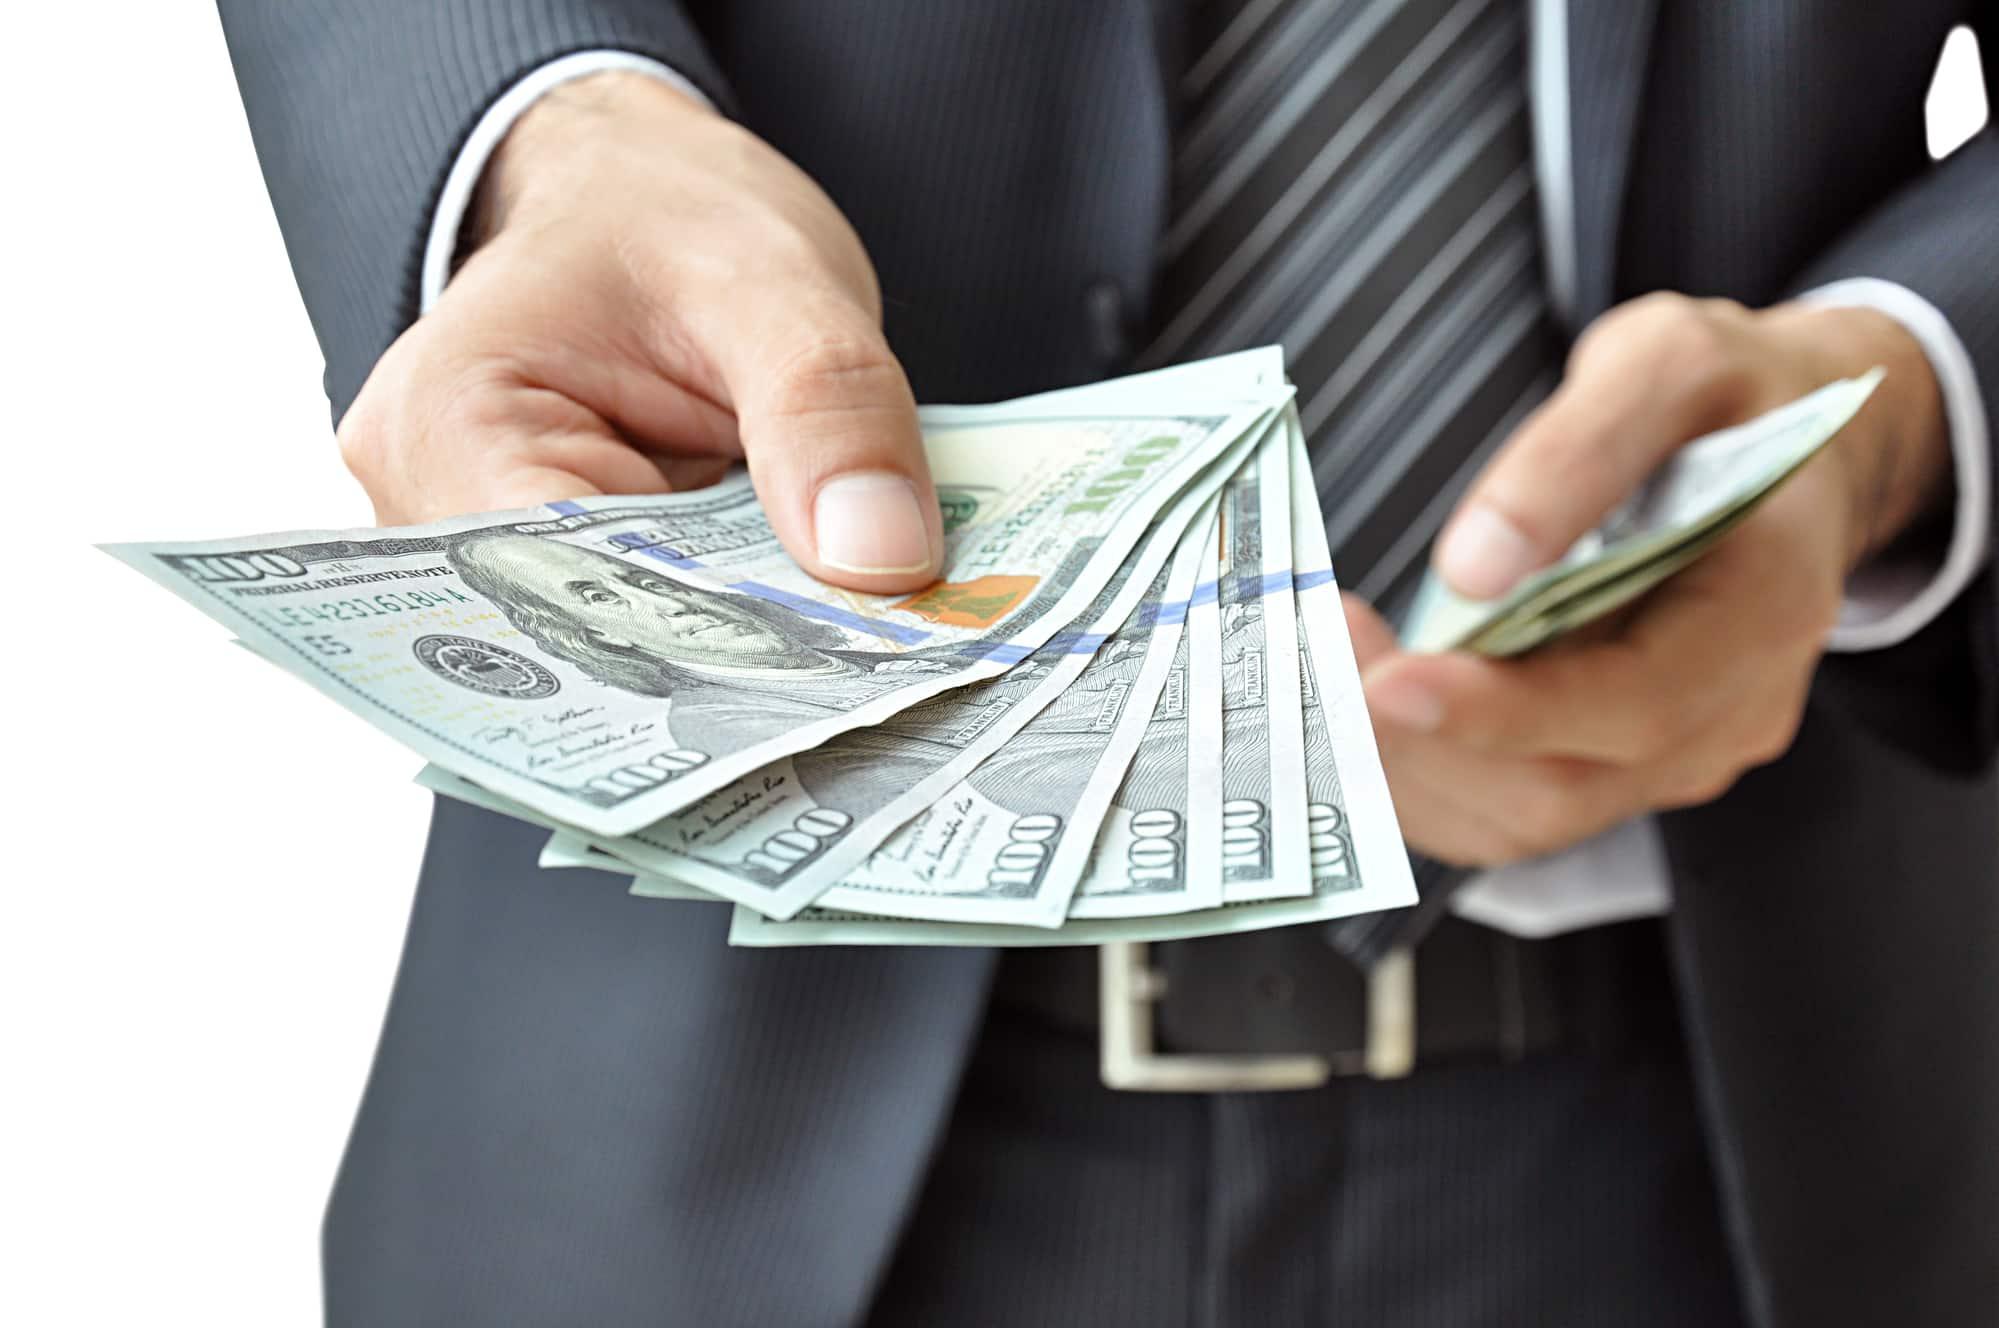 Minikredit beantragen: 7 Tipps & 4 Fallstricke für beste Konditionen